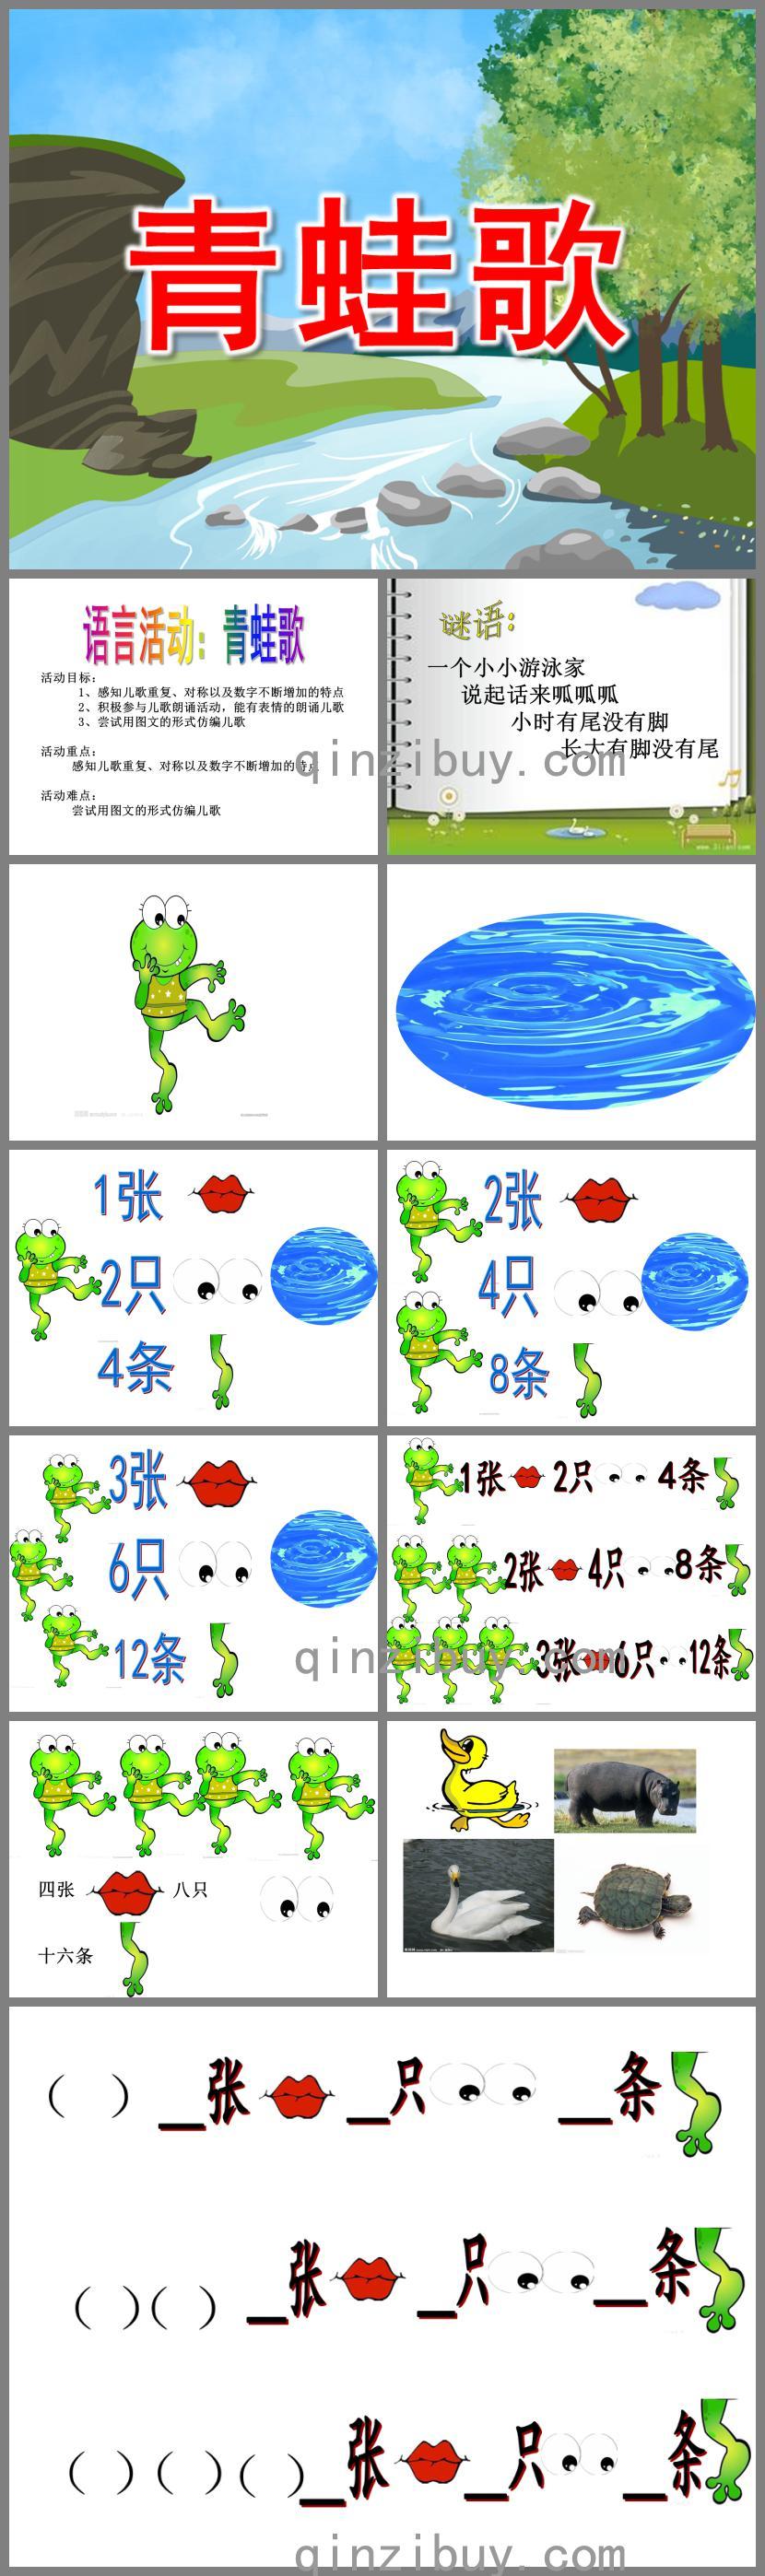 大班语言活动青蛙歌PPT课件